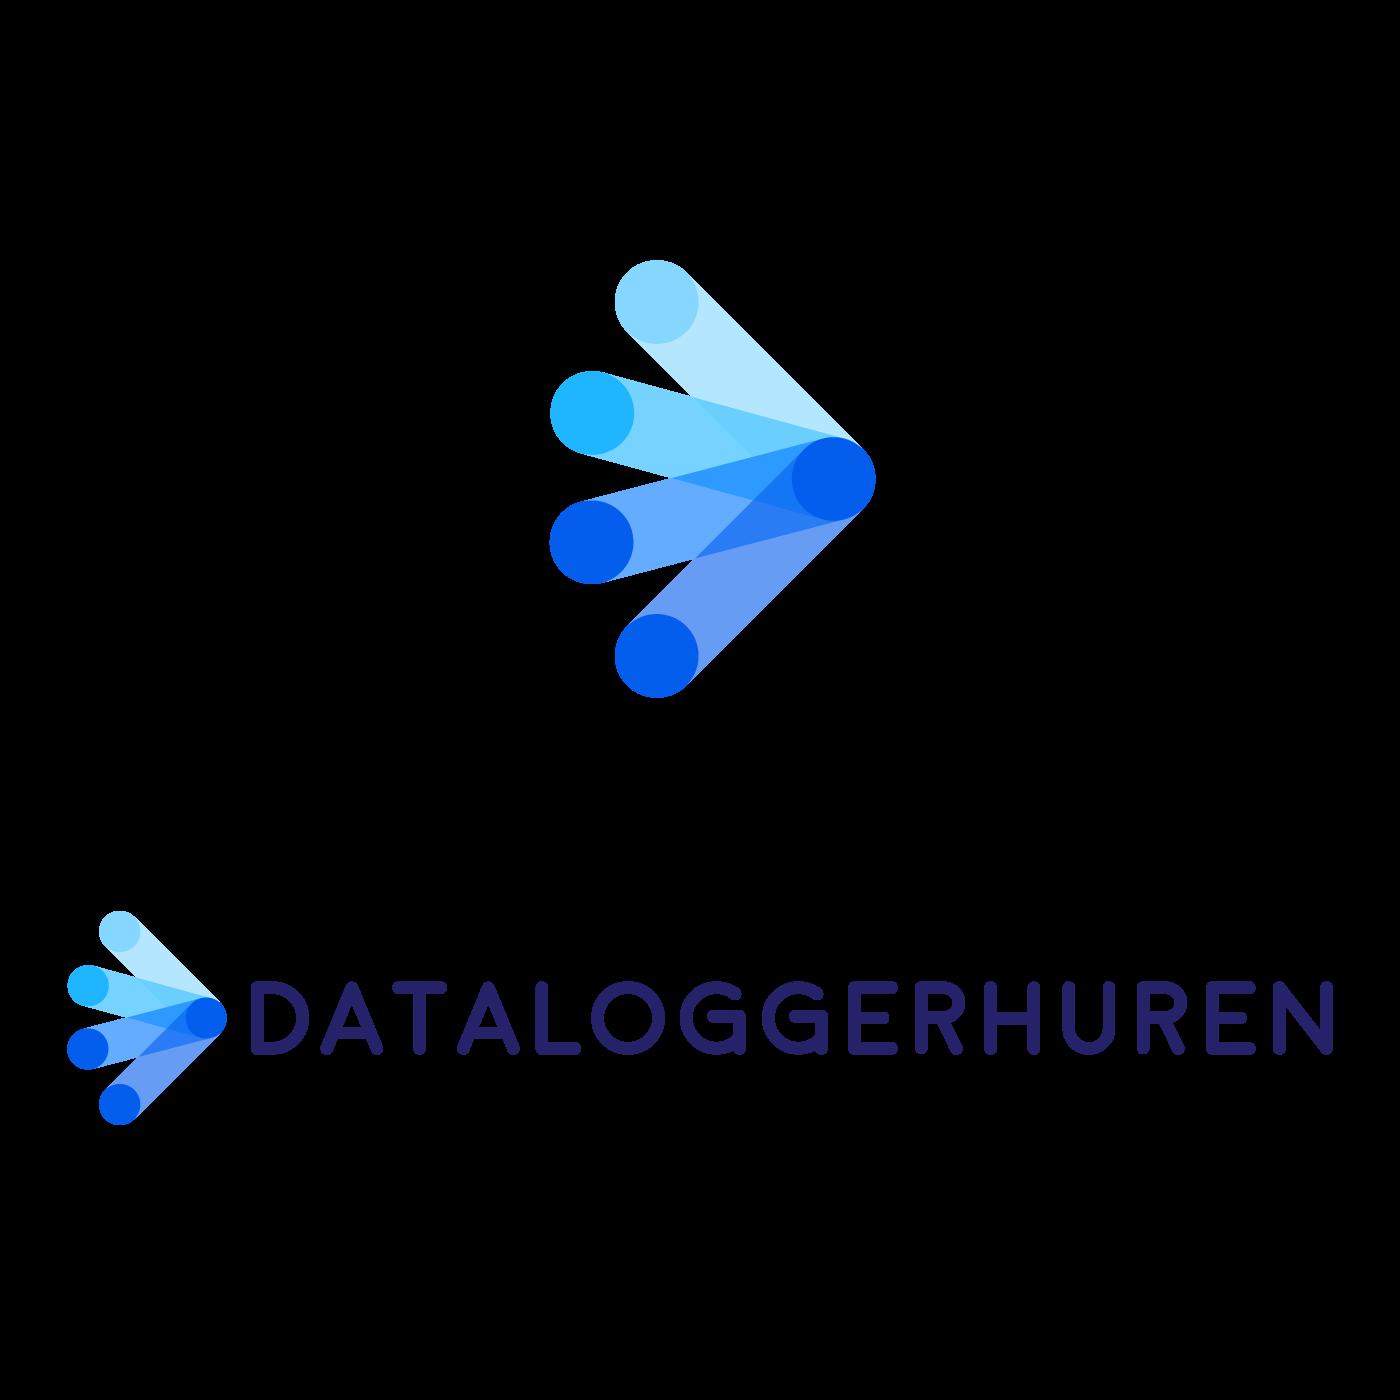 logo dataloggerhuren